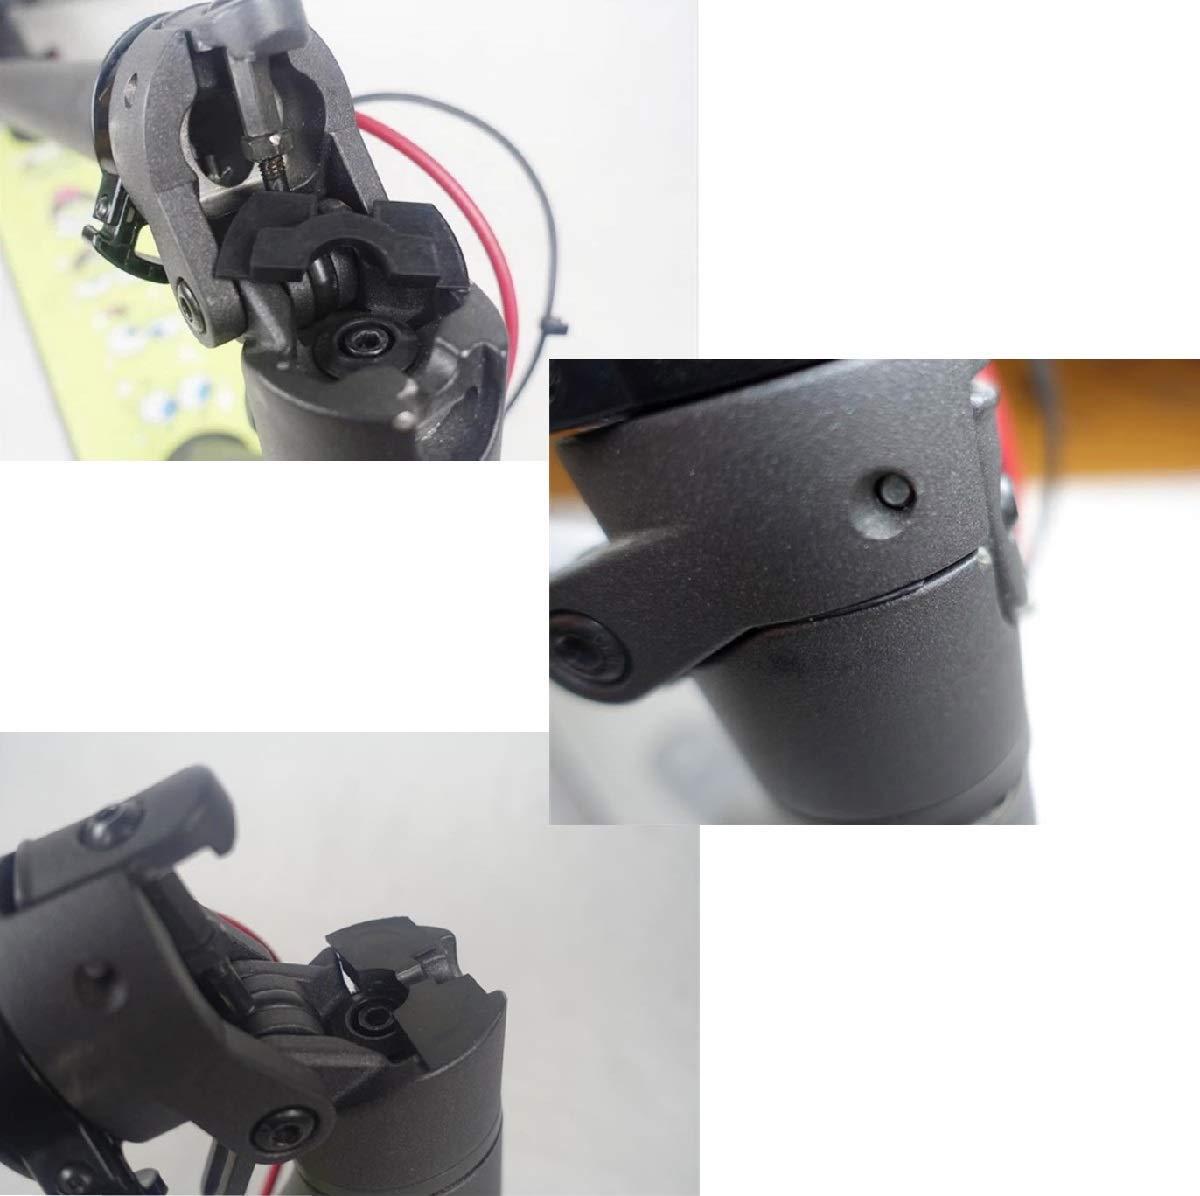 Upxiang 3 St/ück Gummi Vibration D/ämpfer f/ür Xiaomi Mijia M365 und M187 Elektroroller Zubeh/ör Outdoor Ersatzteile